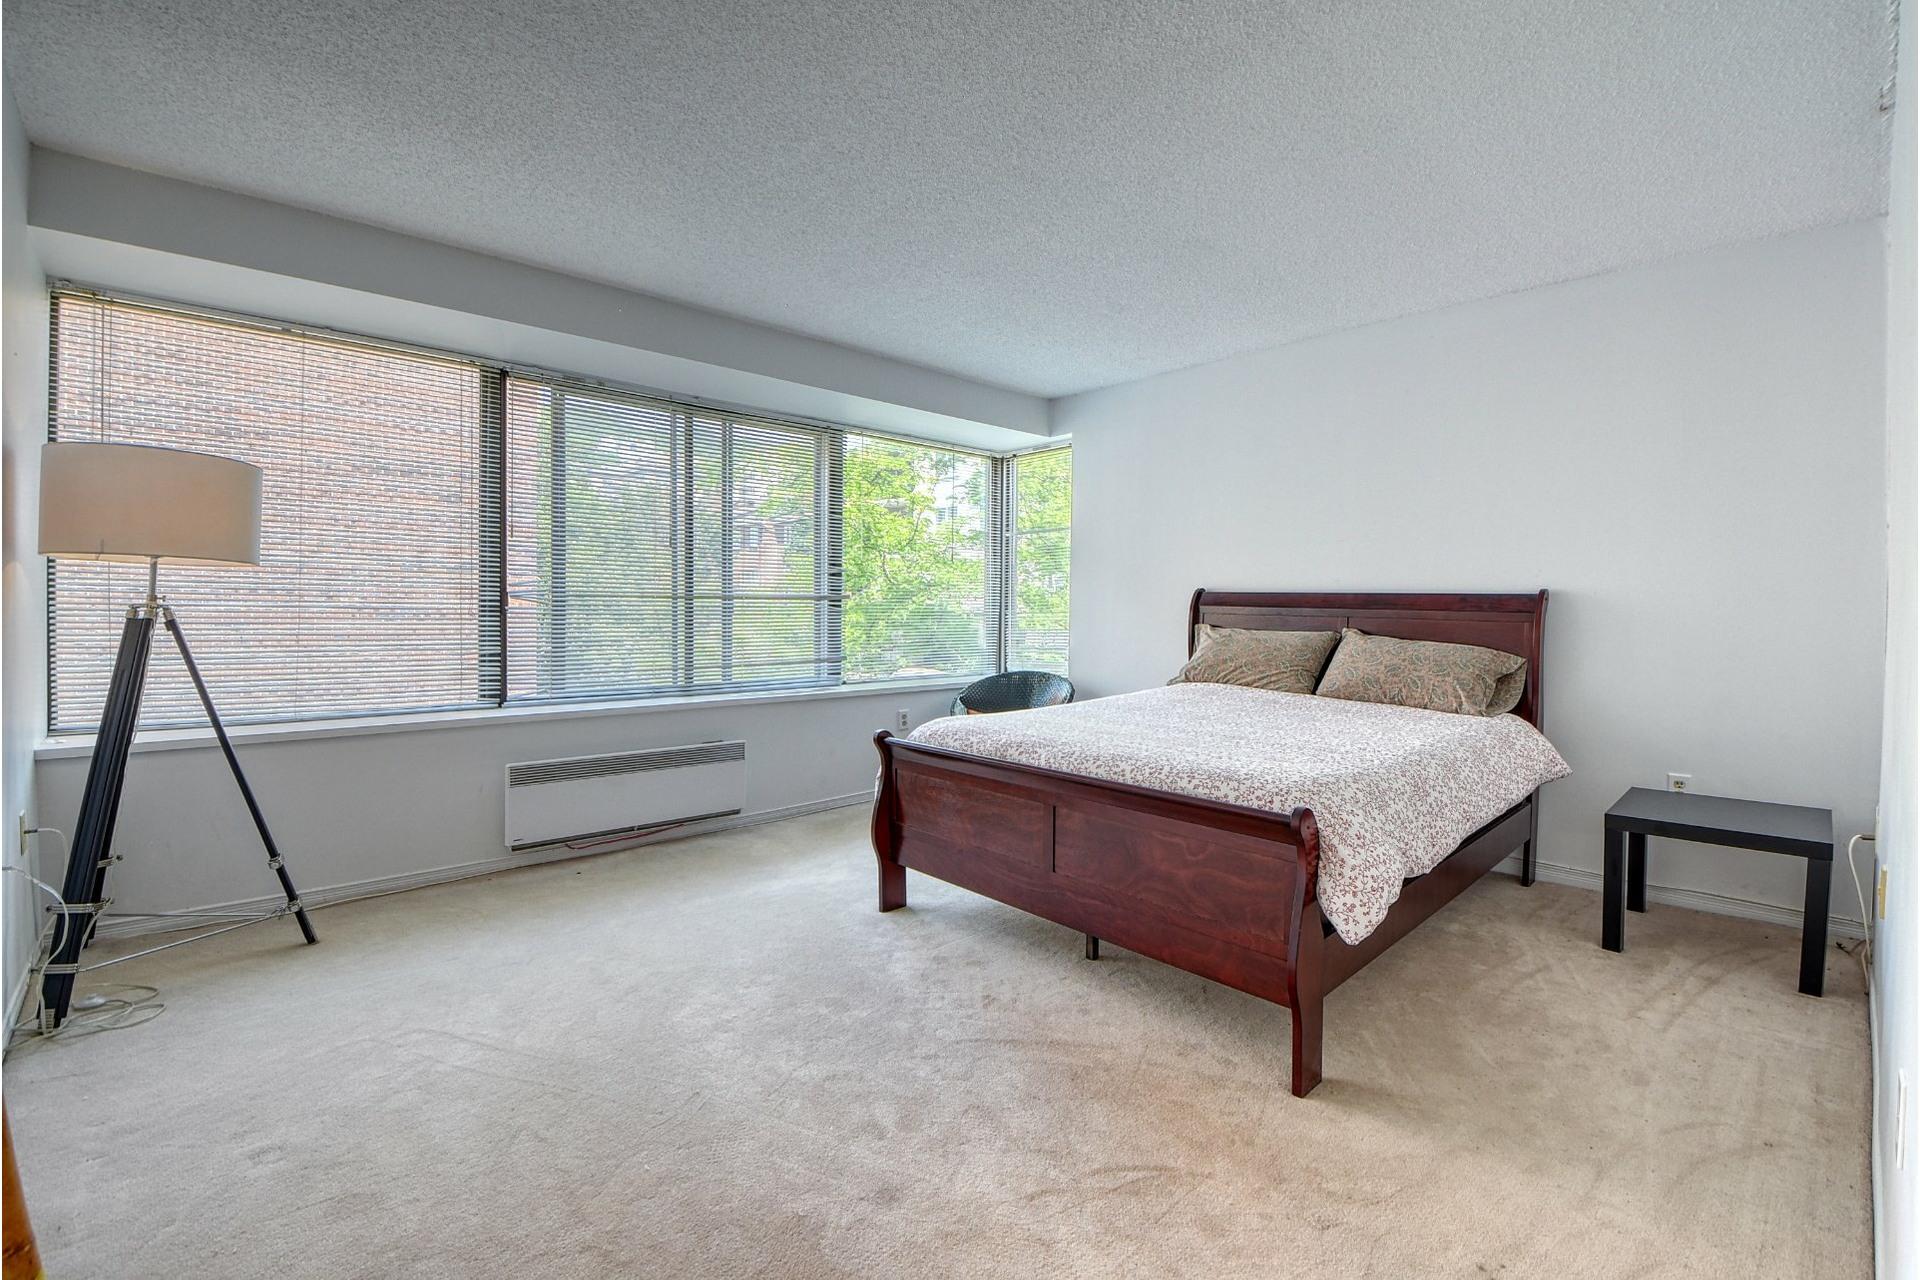 image 14 - Appartement À louer Ville-Marie Montréal  - 7 pièces